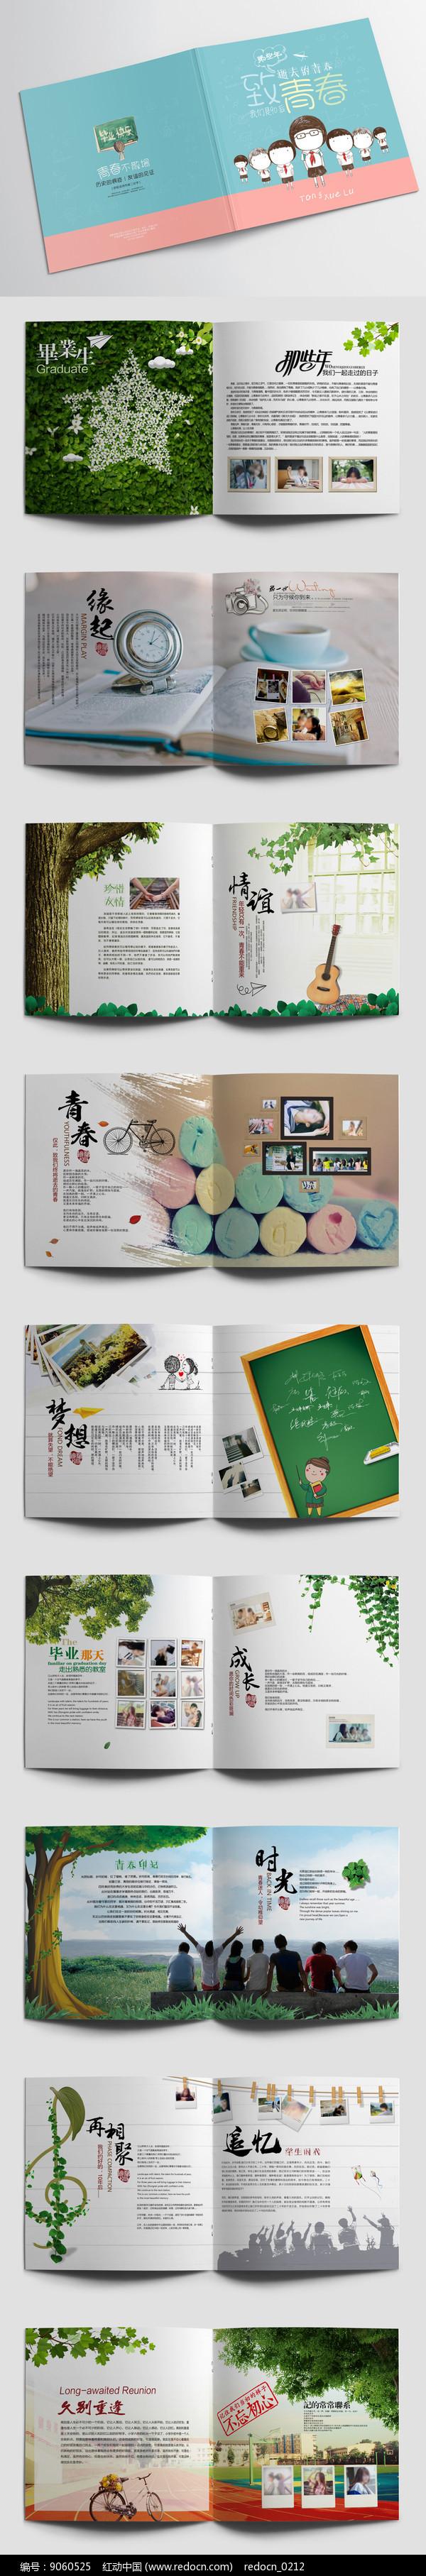 清新同学录毕业纪念册画册图片